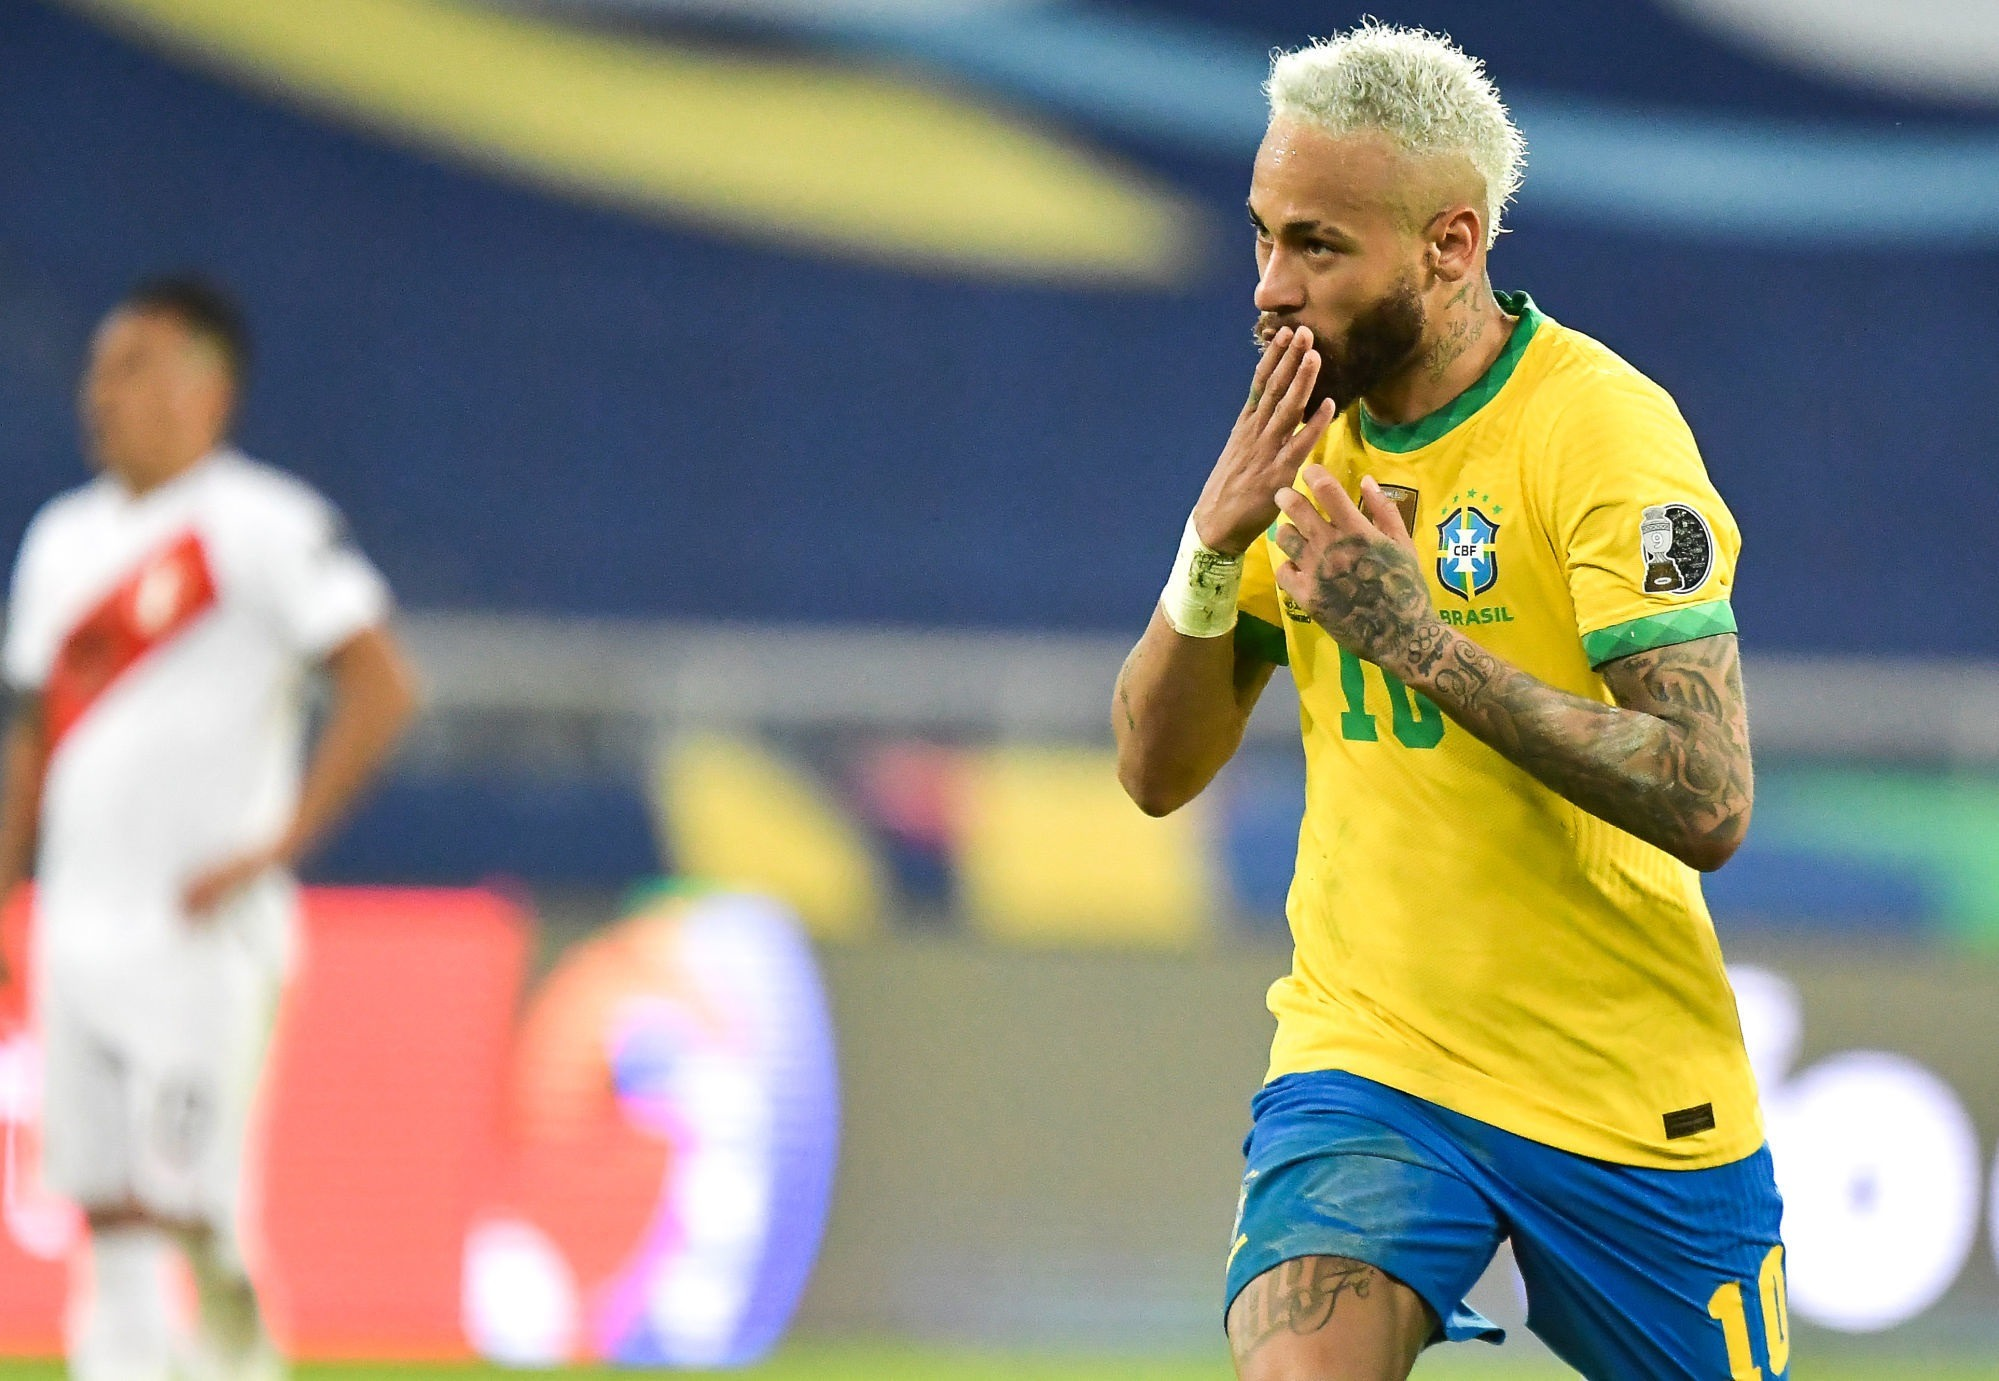 Brésil/Chili - Les équipes officielles : Neymar et Marquinhos titulaires